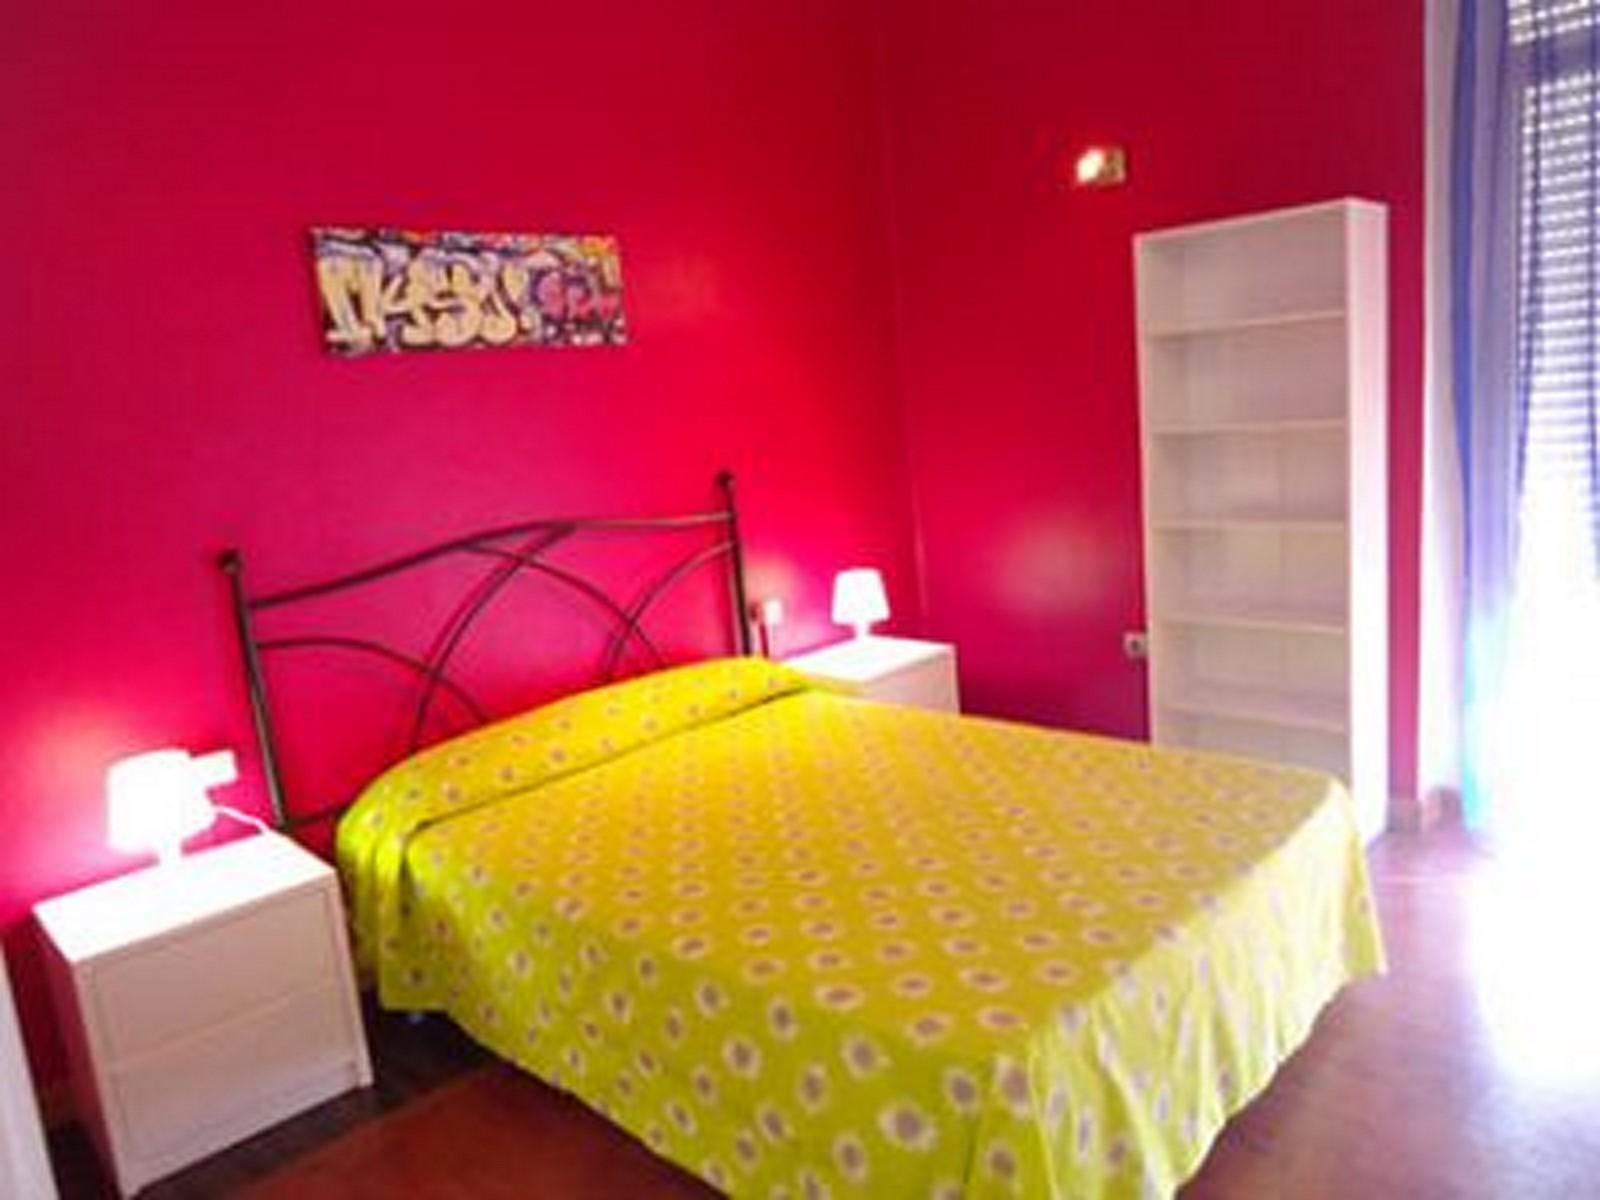 valencia-rooms-habitaciones-grandes-con-cama-doble-foto-principal